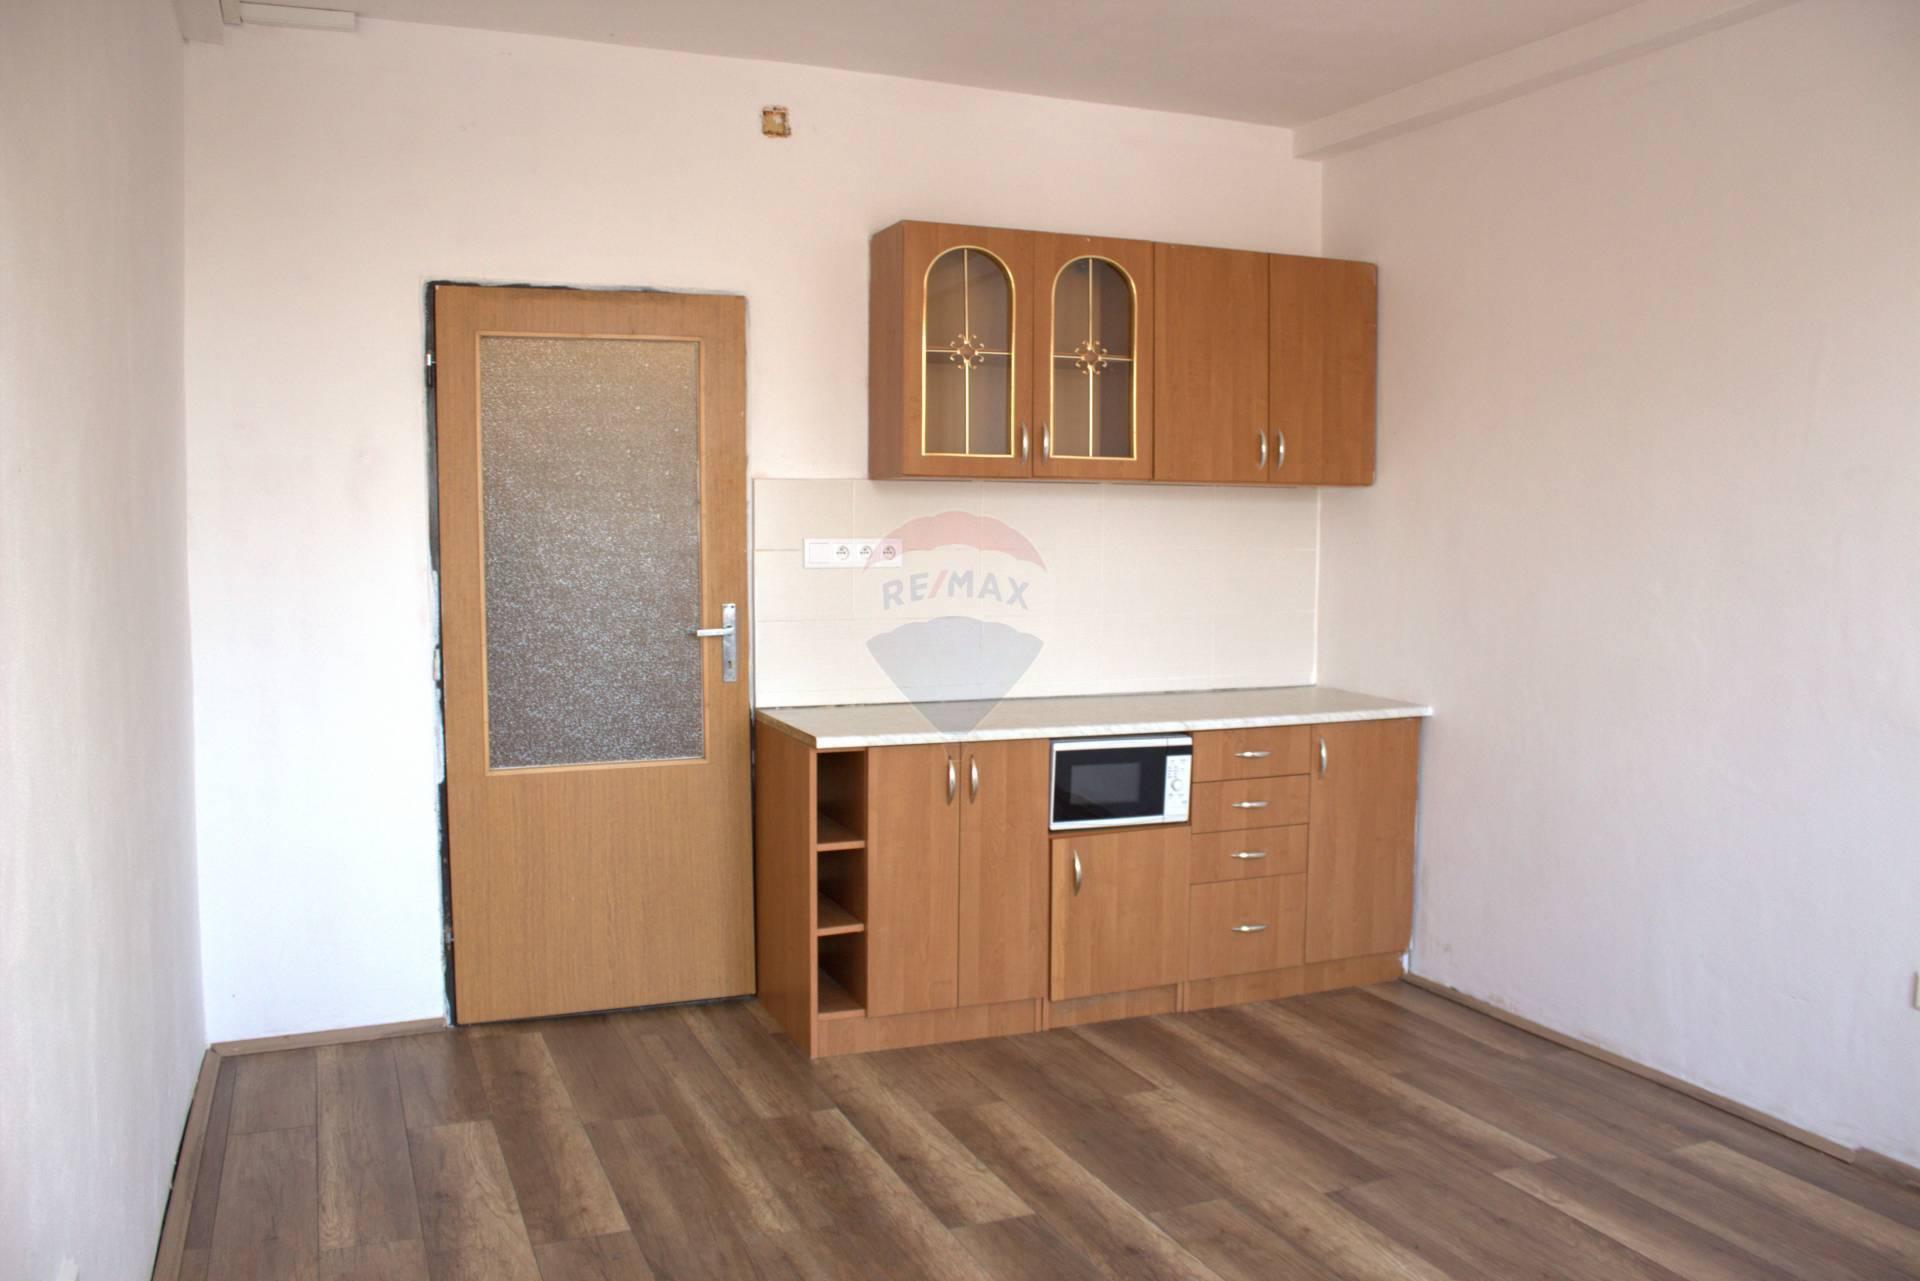 Predaj bytu (garsónka) 25 m2, Turany